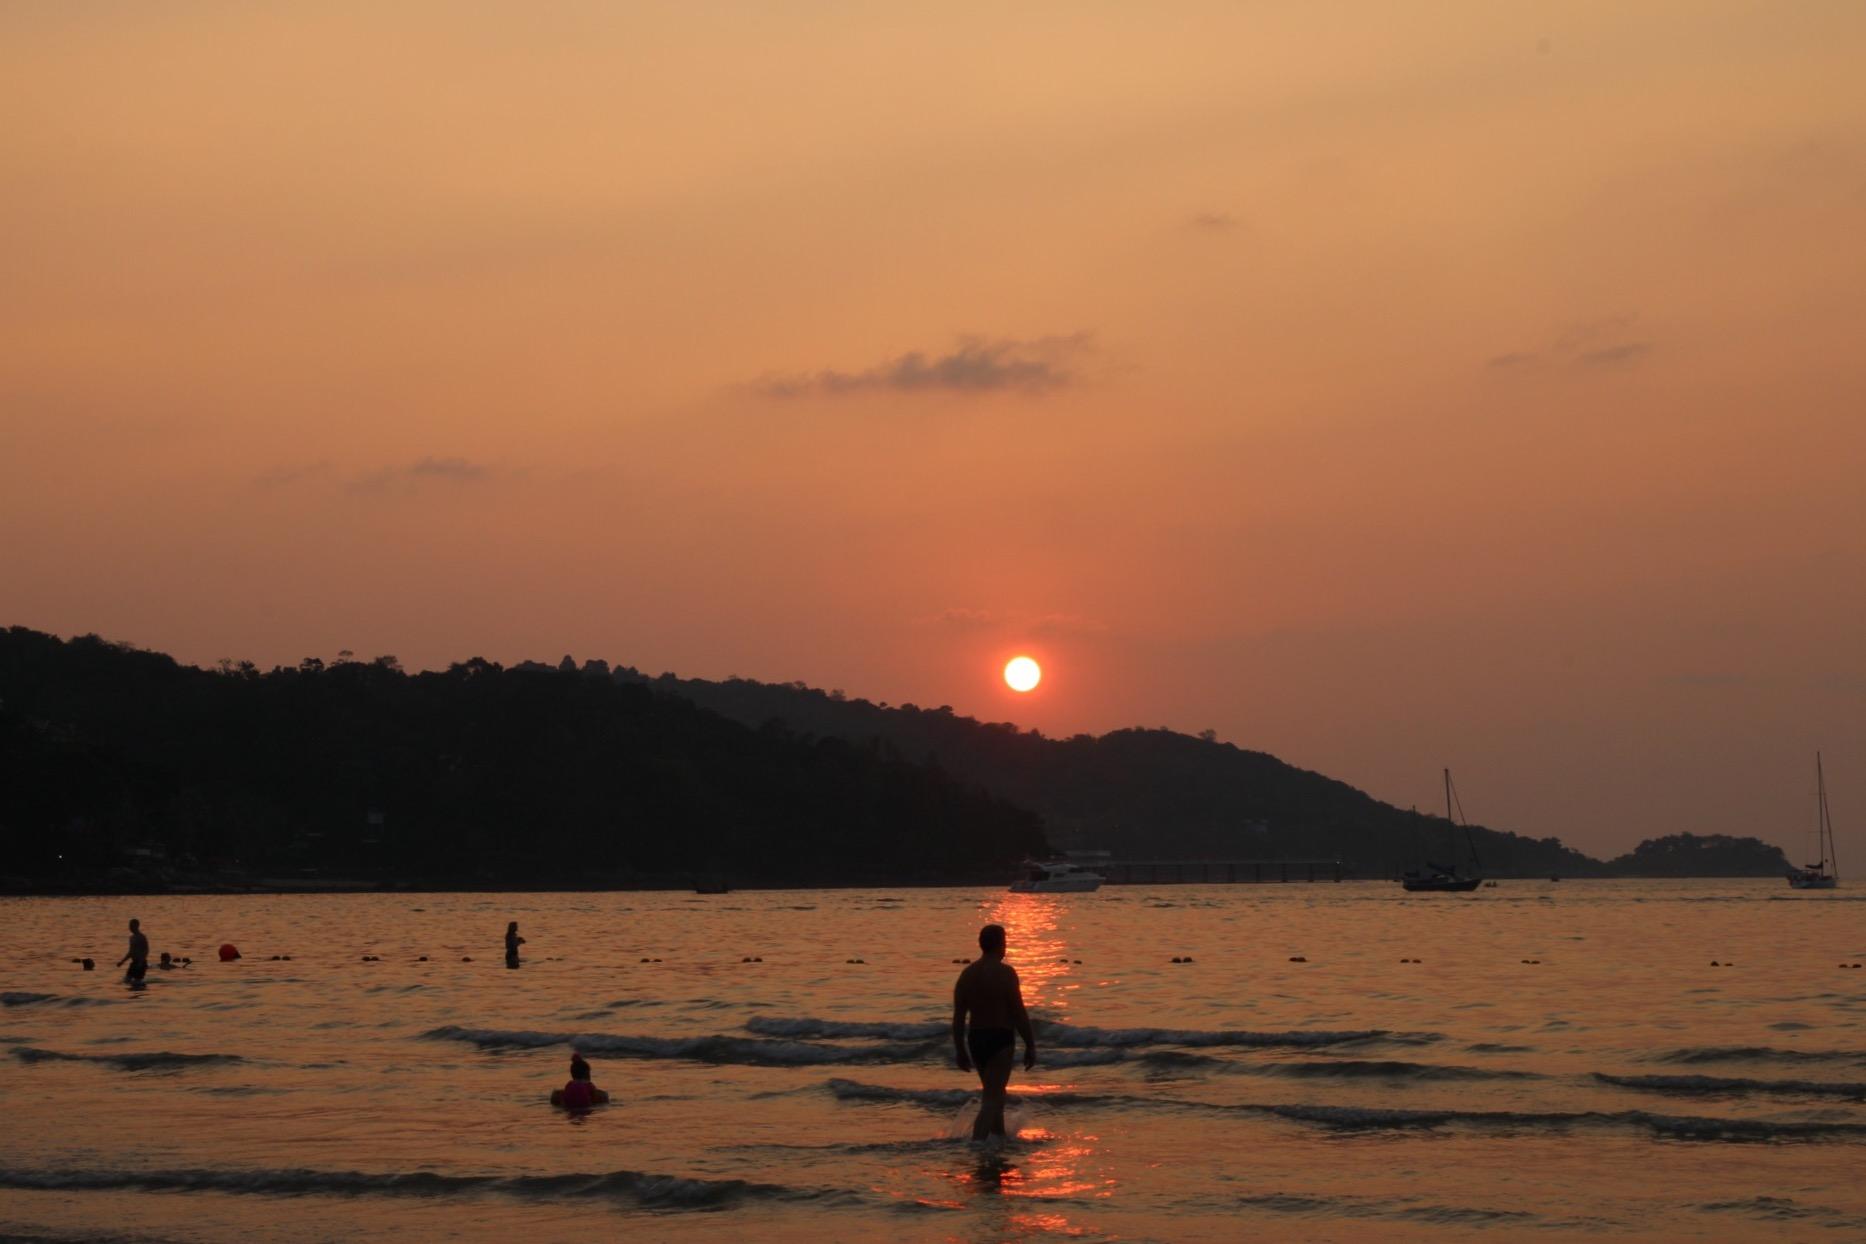 Sunset at Patong Beach of Phuket, Thailand.